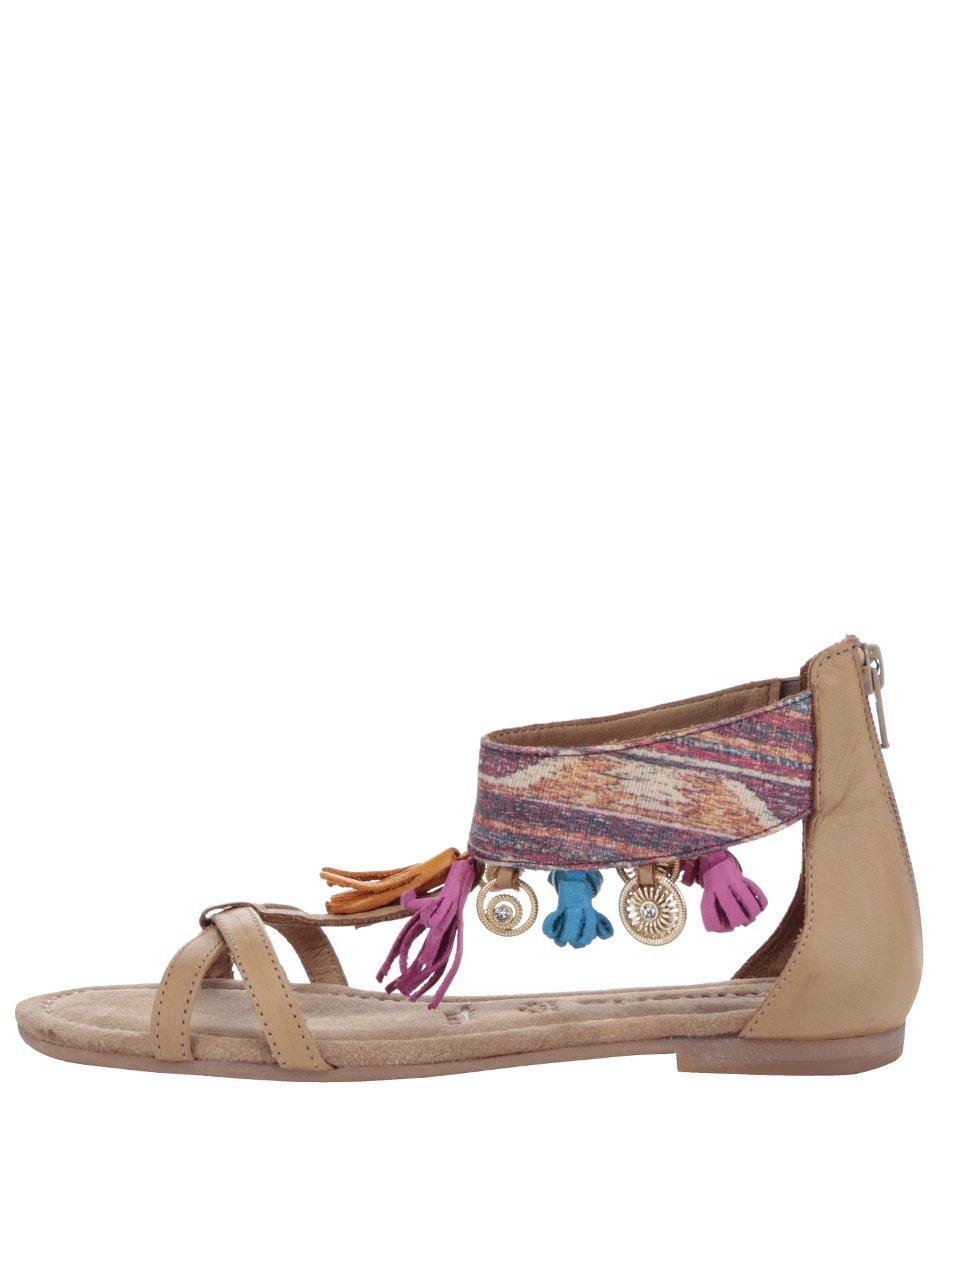 Hnědé kožené sandály s barevnými střapci Tamaris